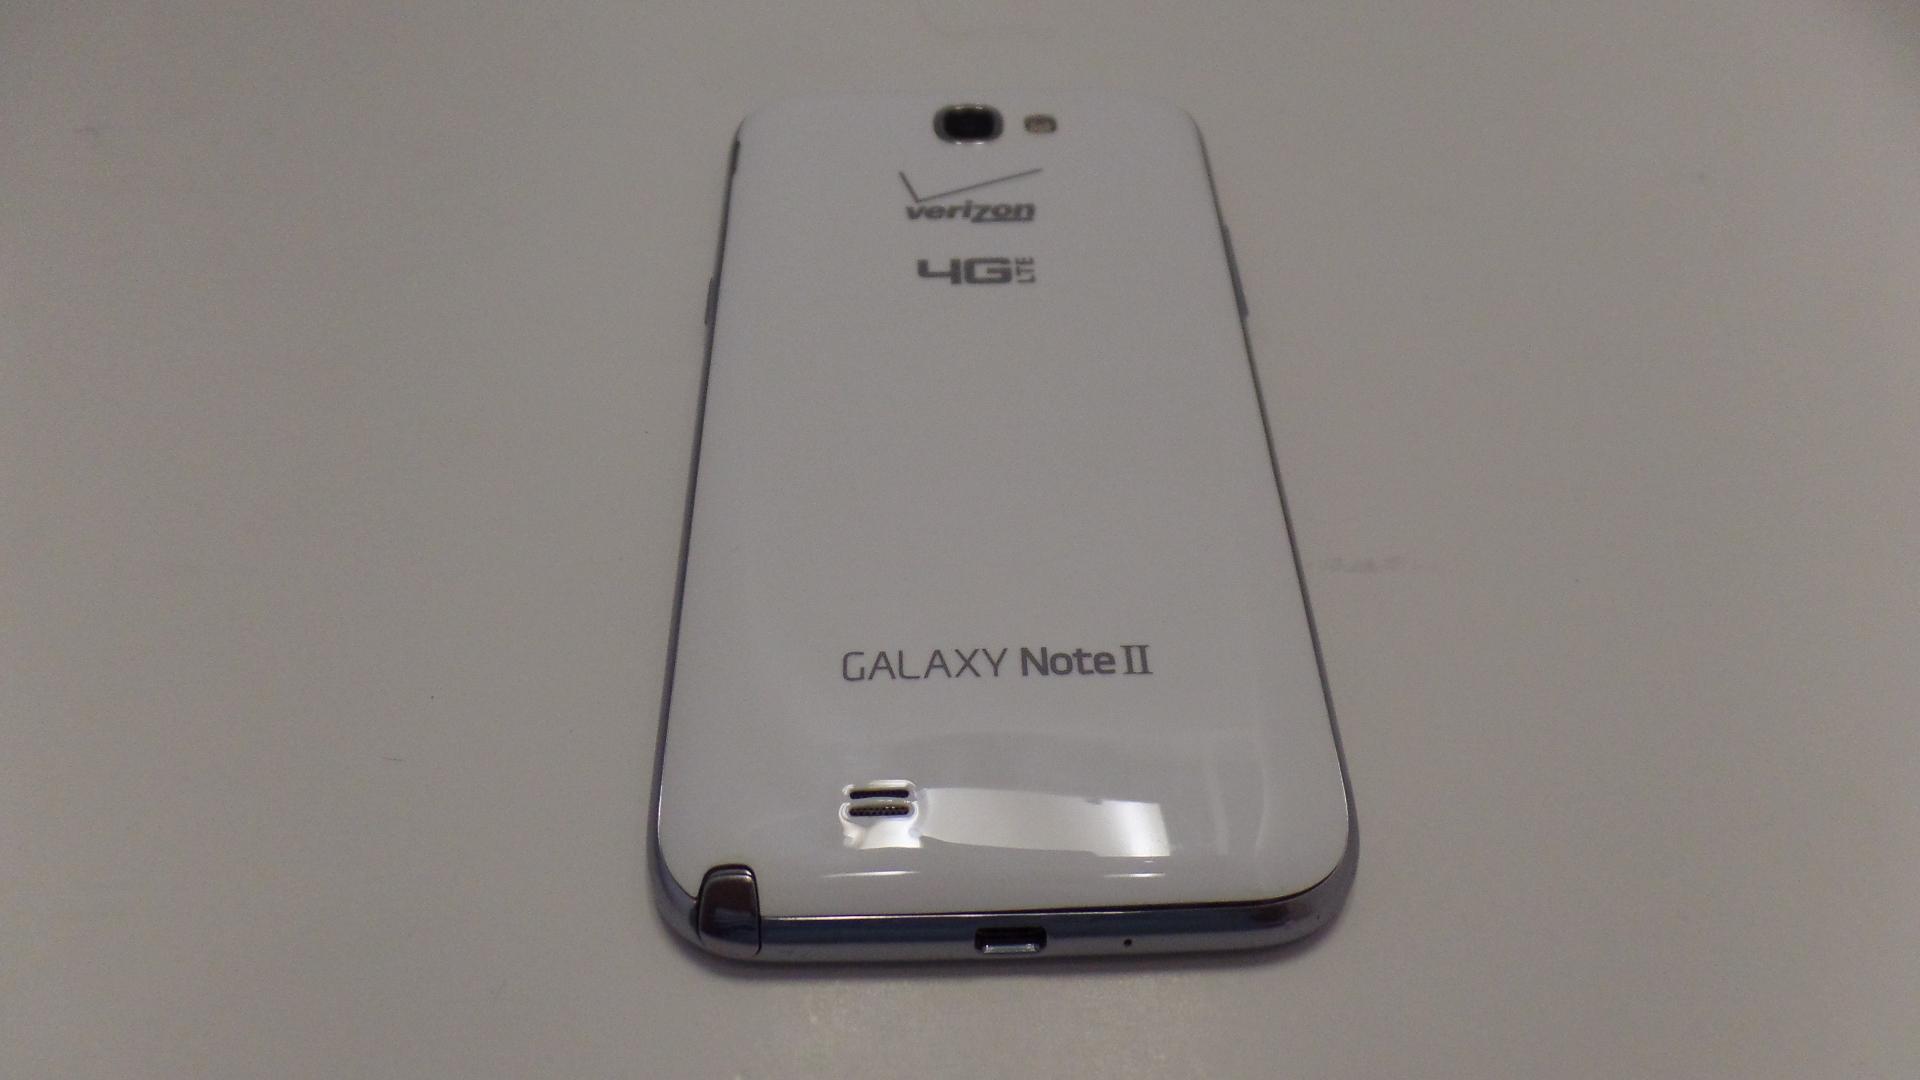 Samsung Galaxy Note II 2 White Verizon Wireless 4G LTE